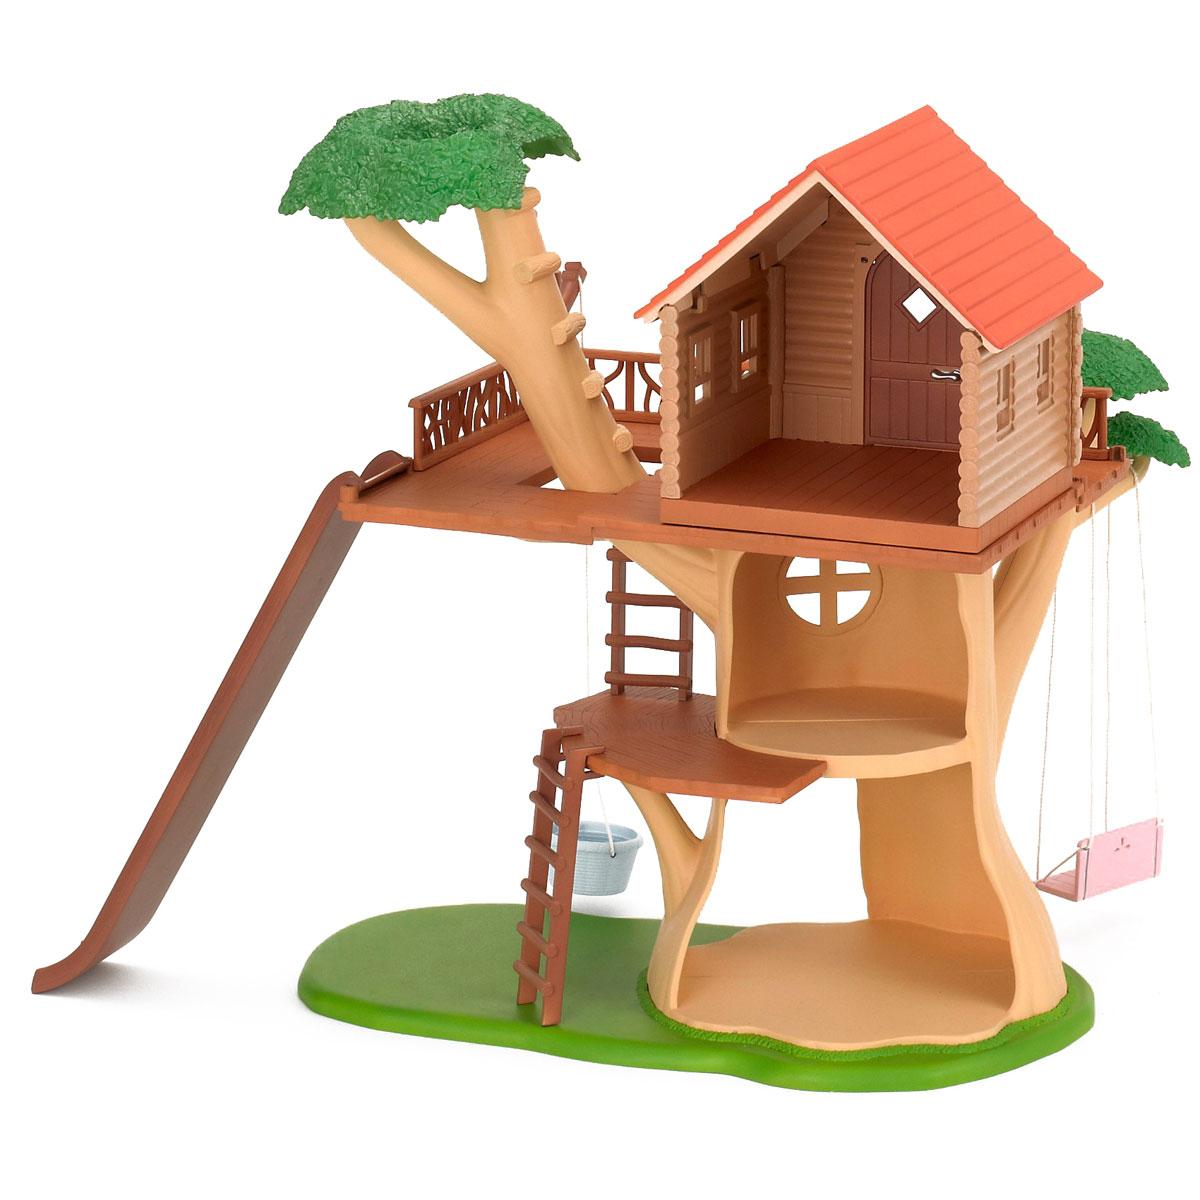 Sylvanian Families Игровой набор Дом-дерево набор холодильник с продуктами sylvanian families